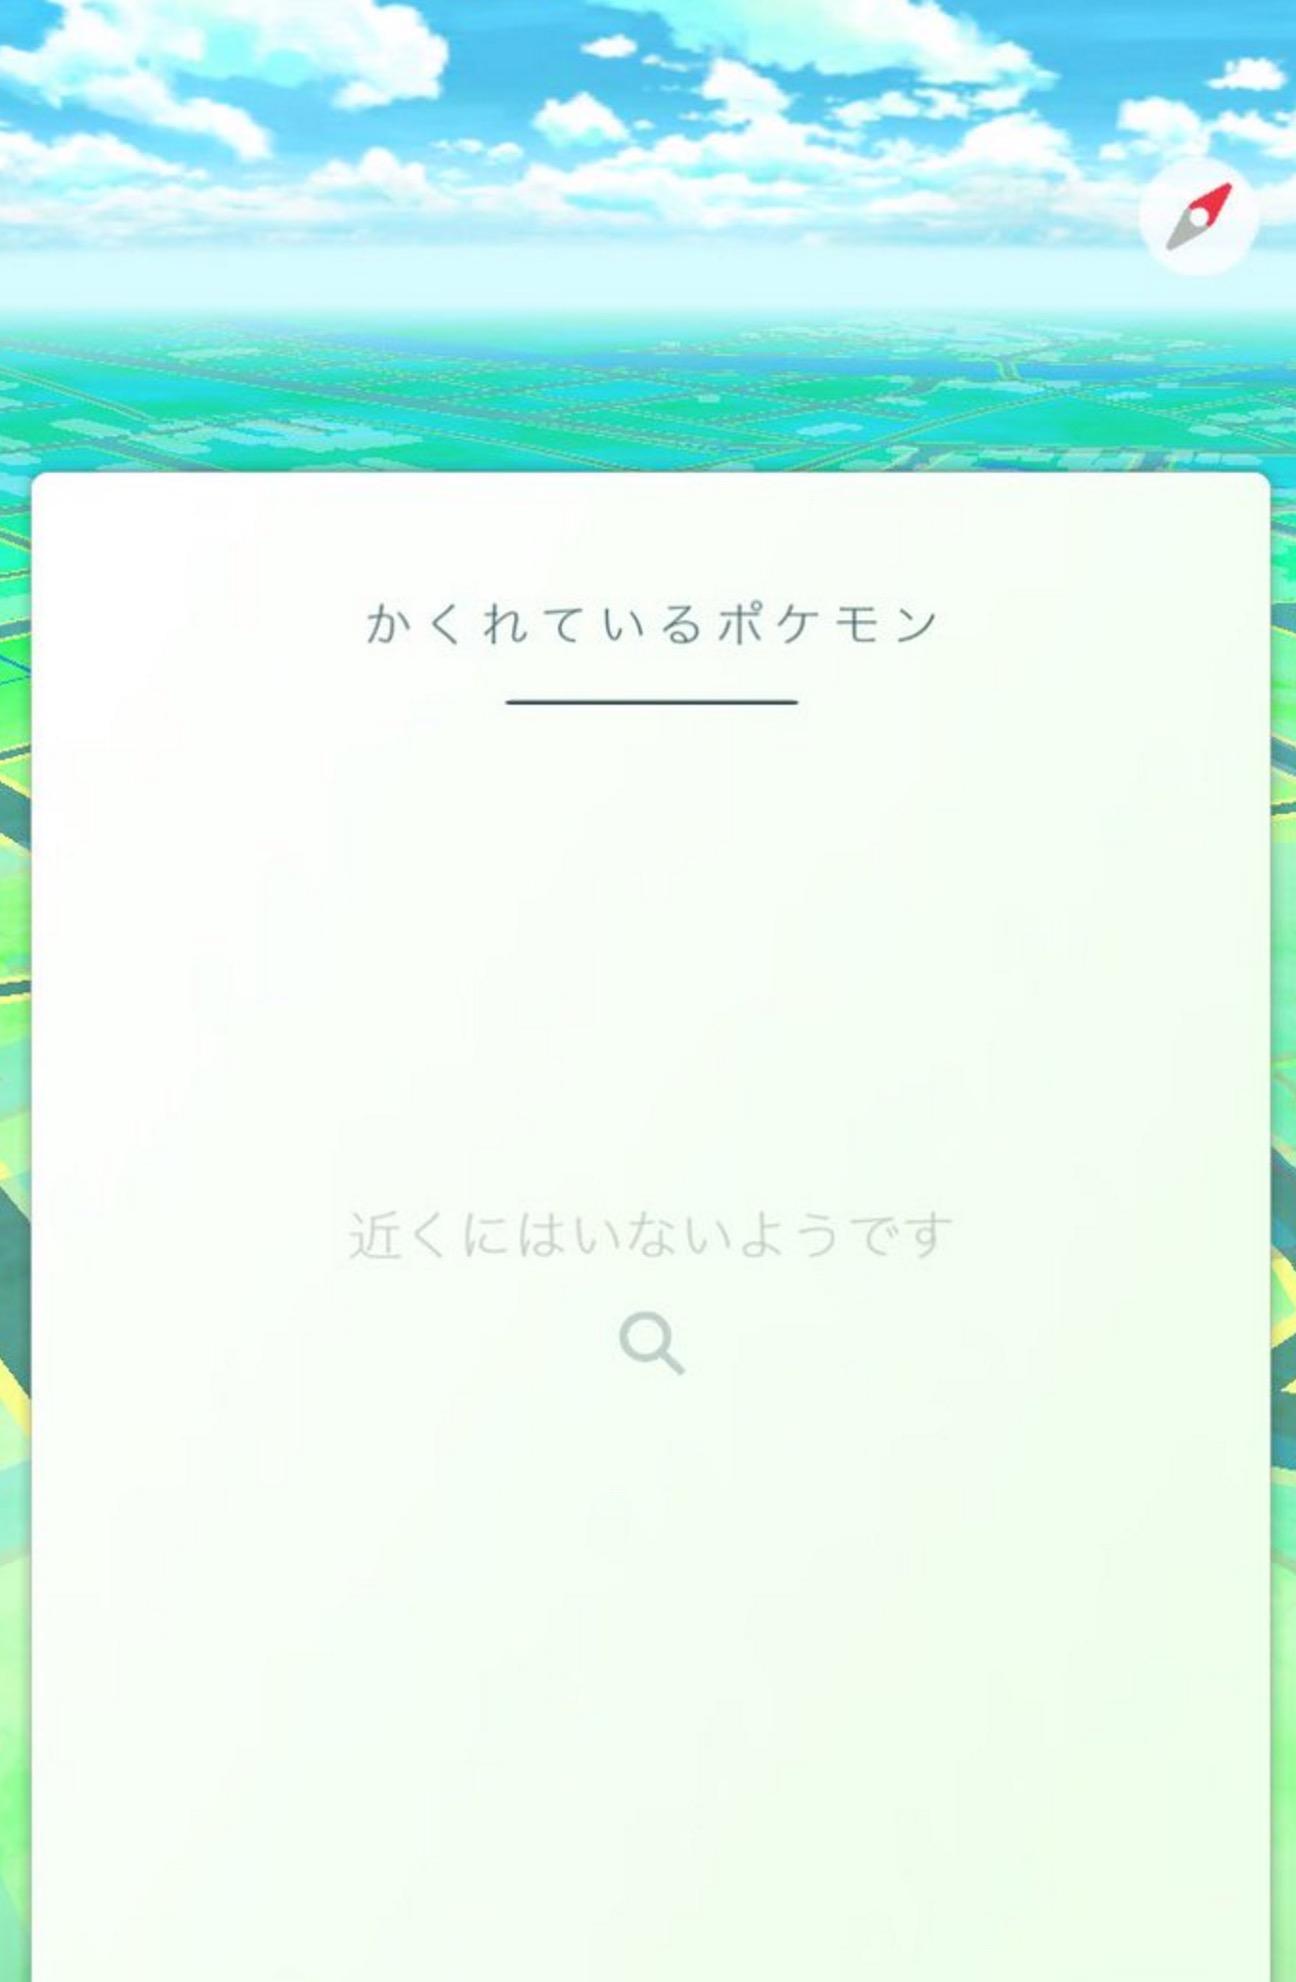 スクリーンショット 2016-08-13 13.04.42